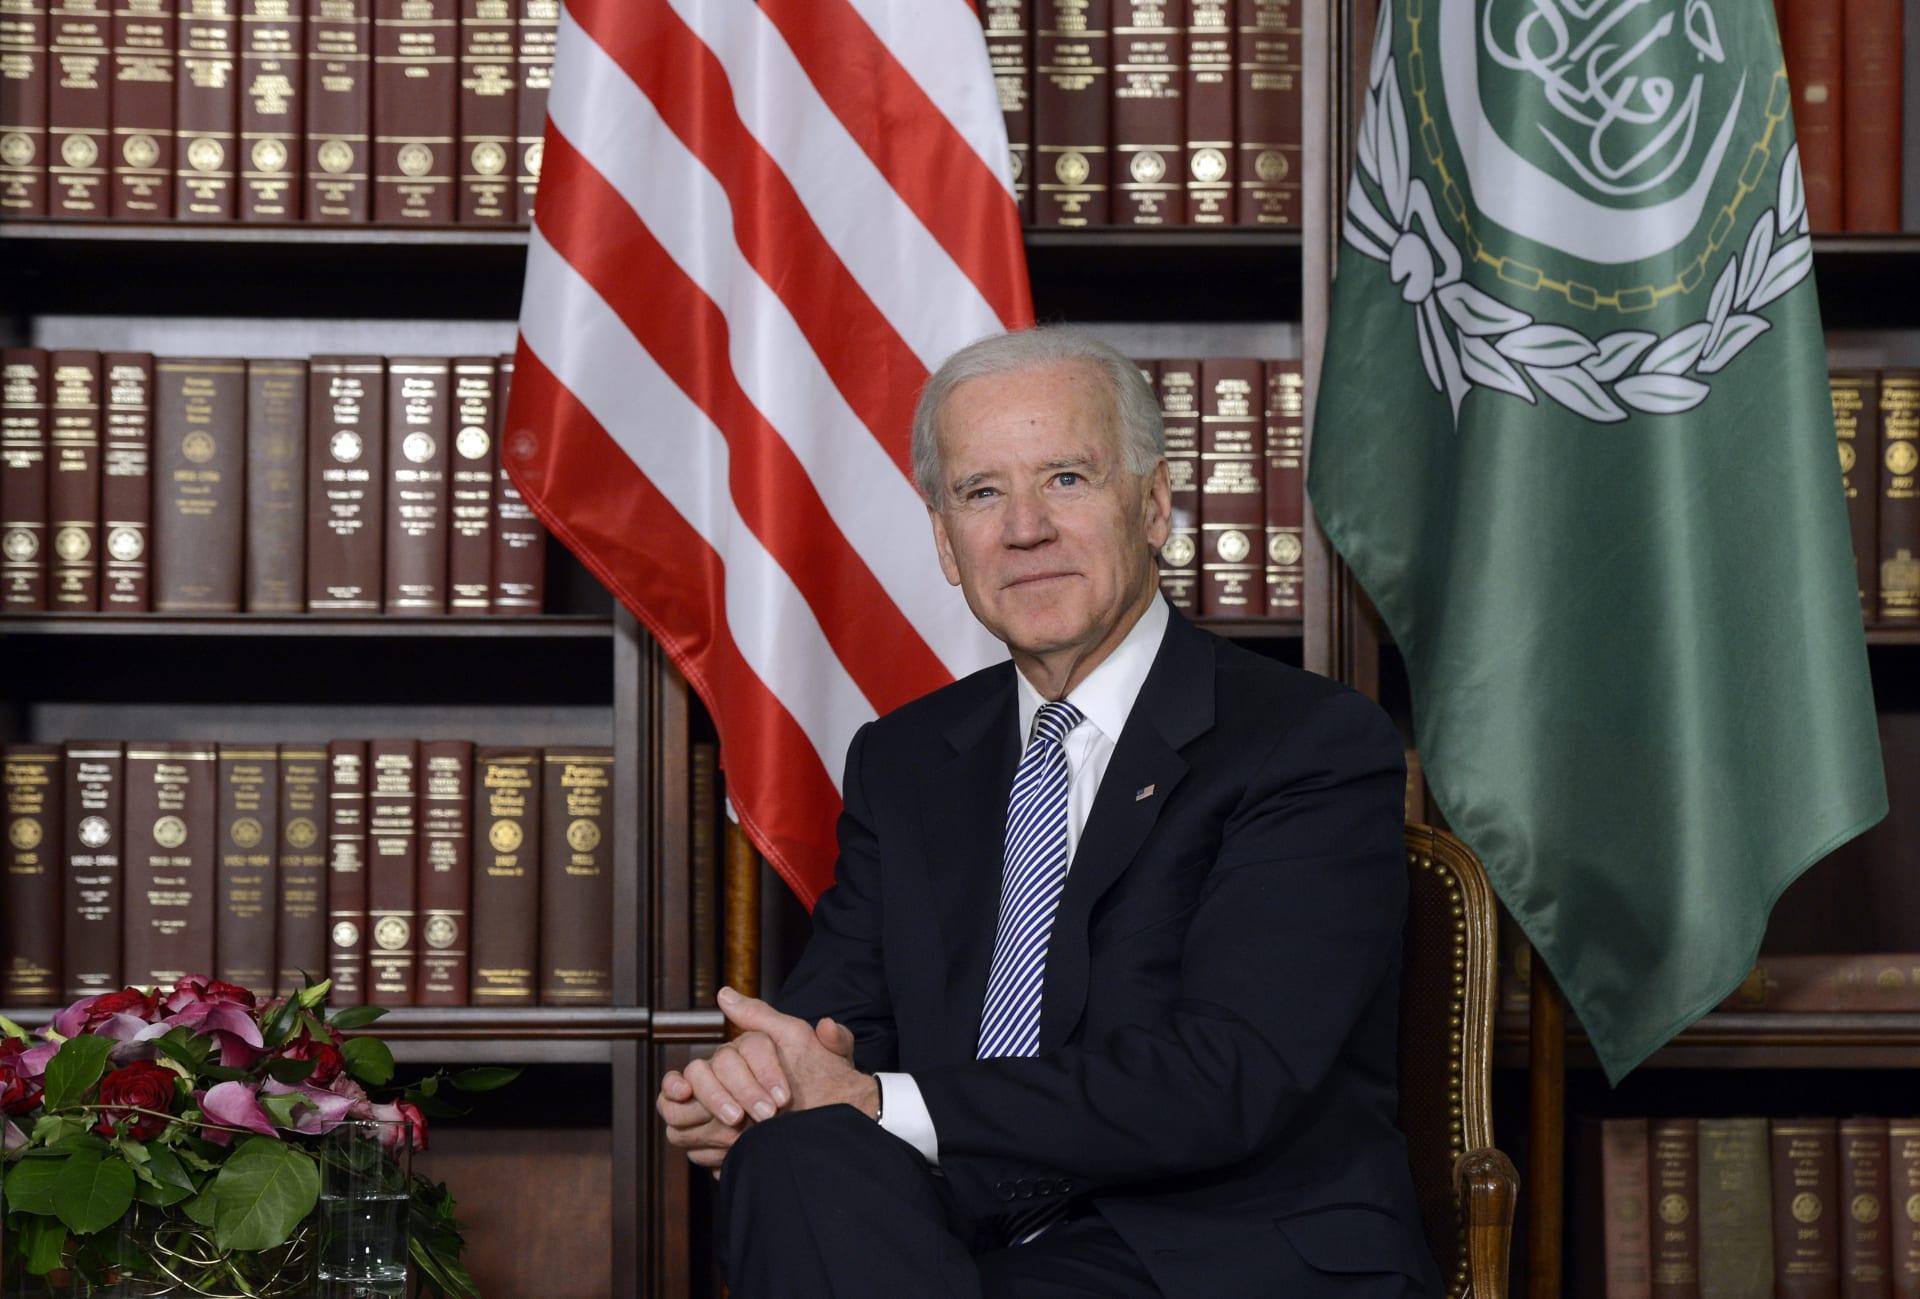 التغيُرات الحقيقية في الرؤية الأمريكية للعالم العربي و في الرؤية العربية لأمريكا